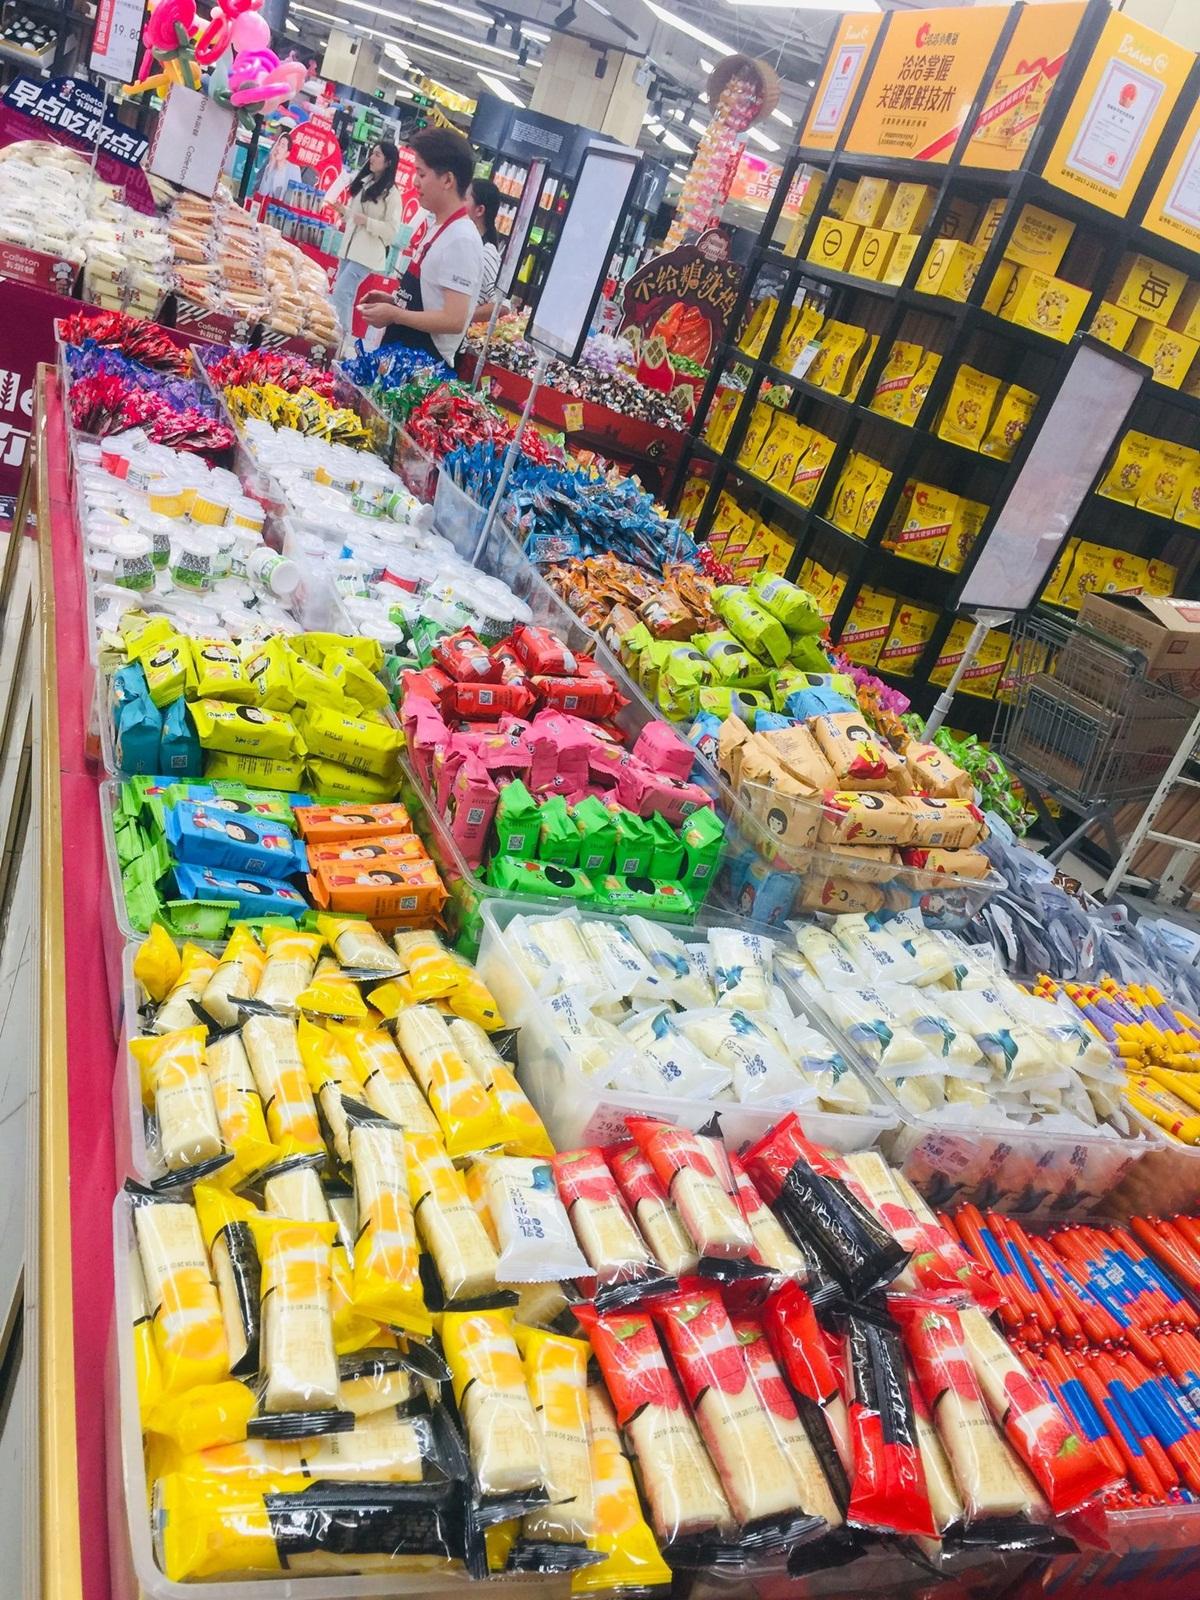 Tất cả bánh trái sẽ được tính tiền theo cân nặng. Bạn chỉ việc chọn những loại mình thích ăn rồi bỏ vào túi sau đó cân và trả tiền.